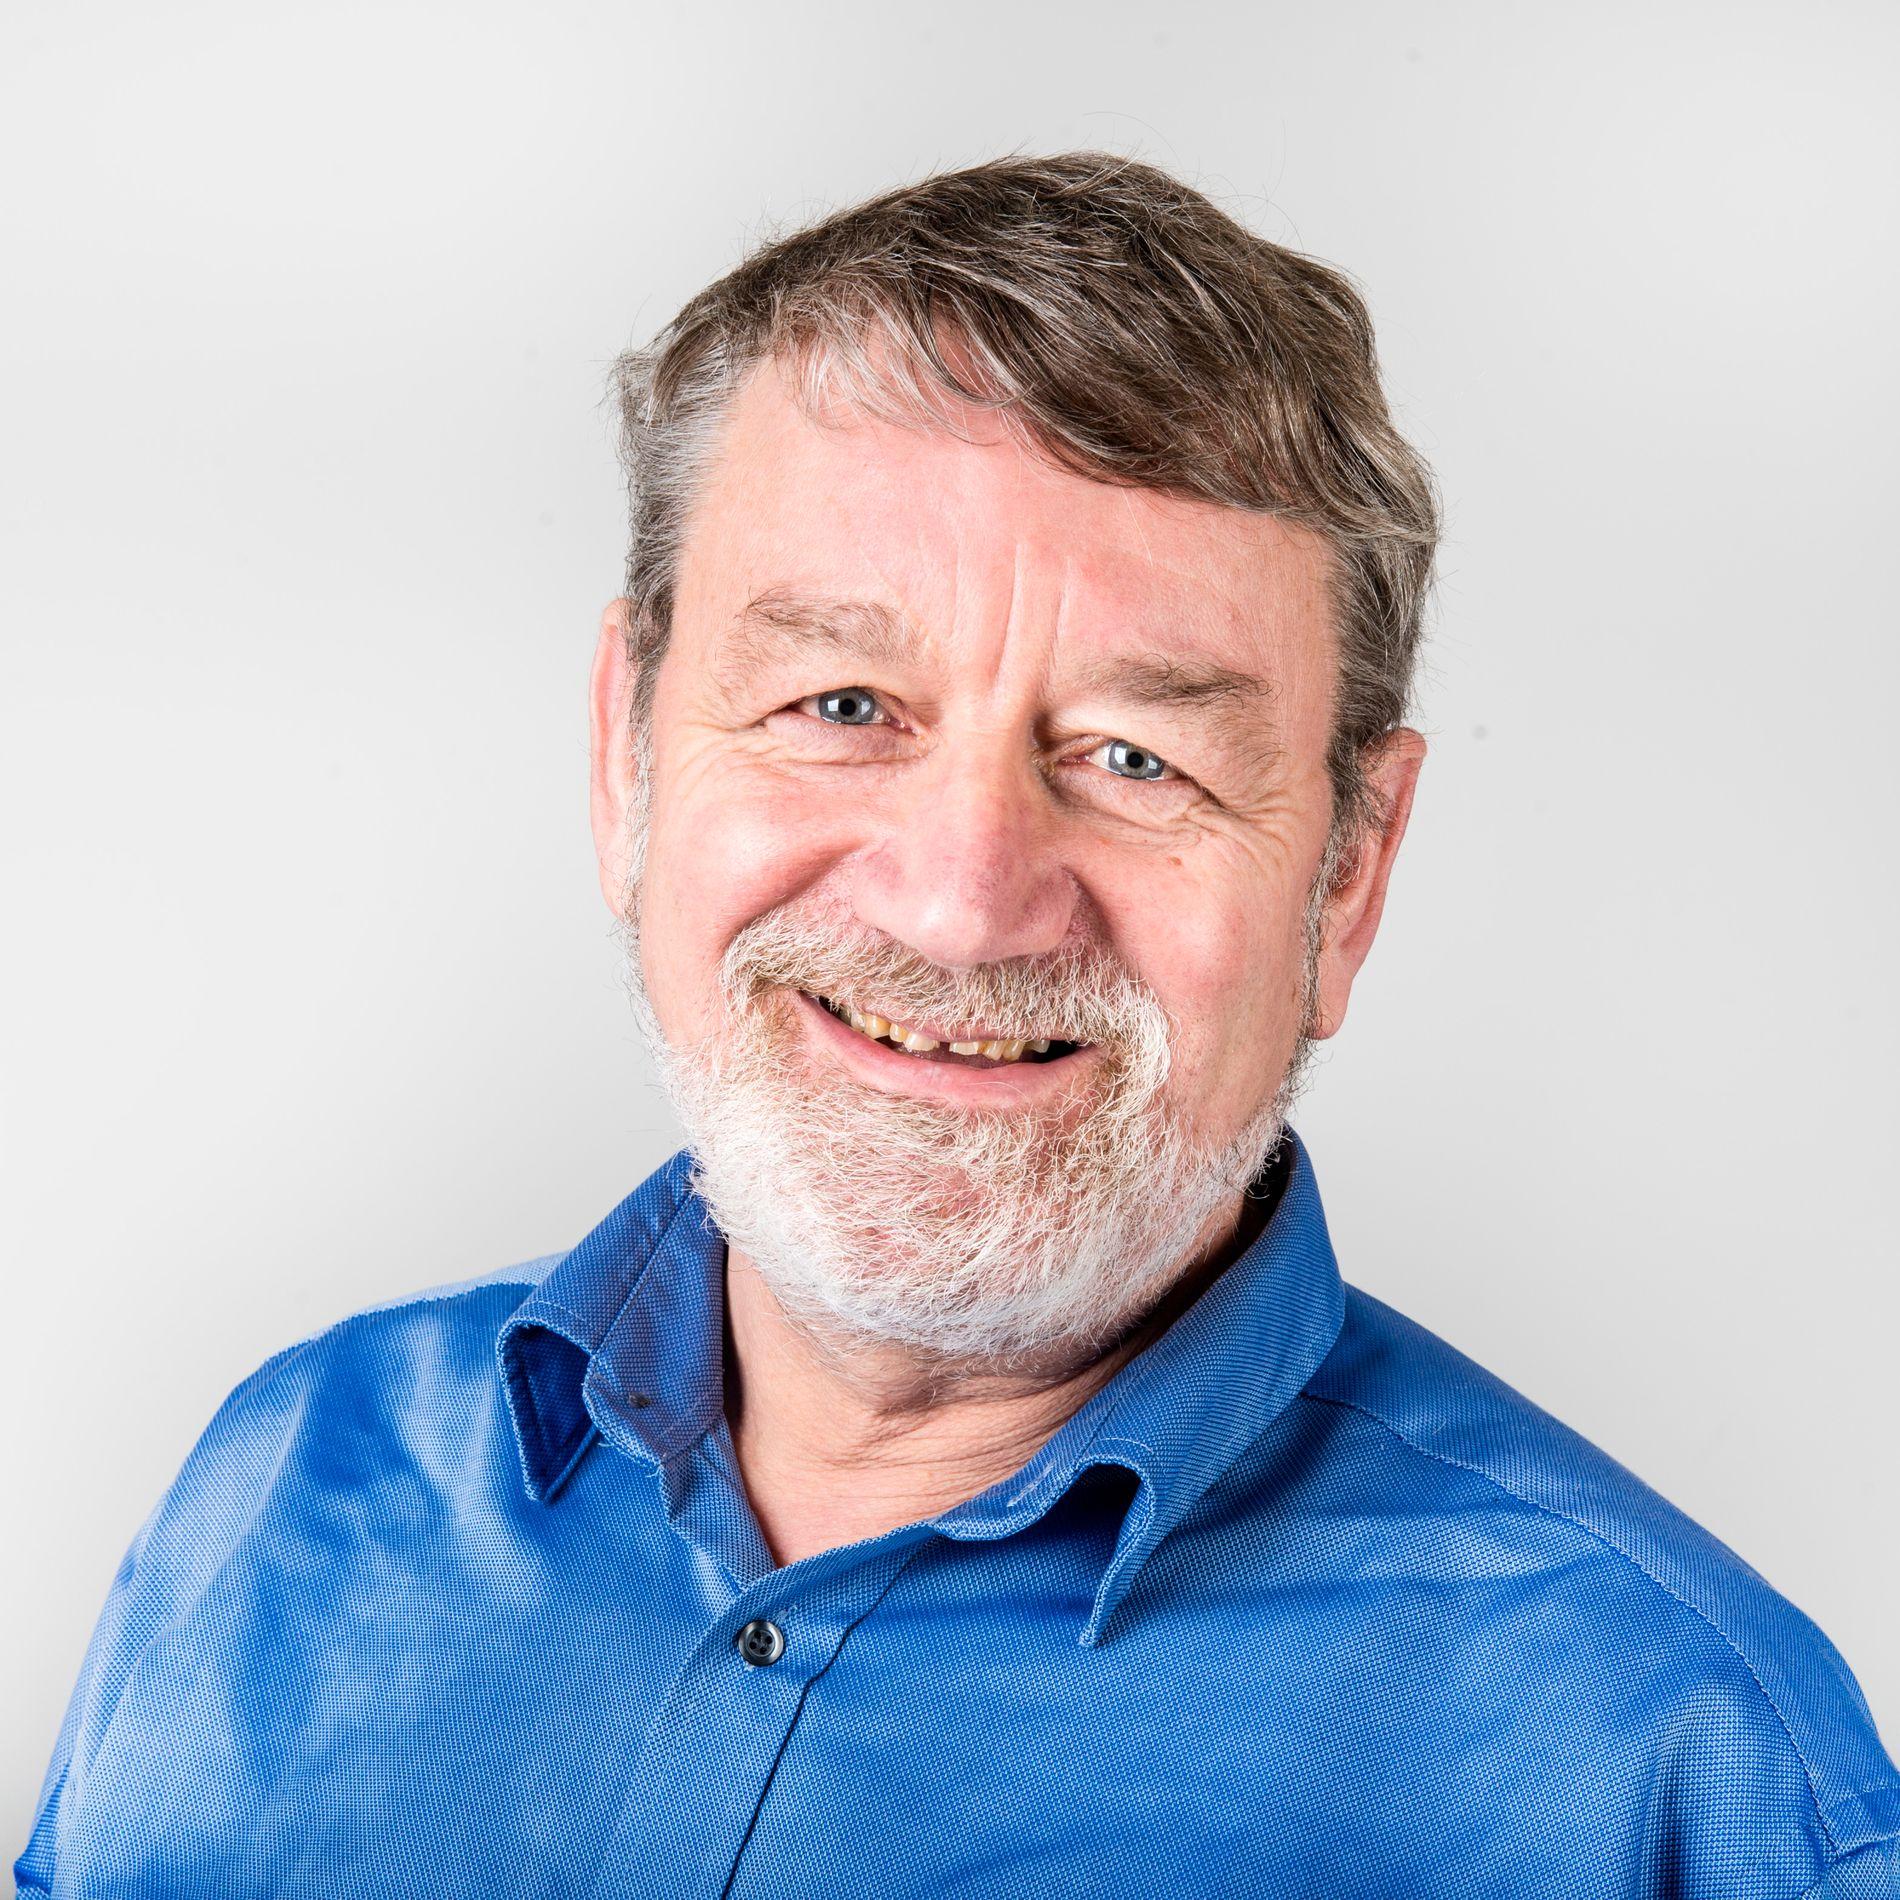 Einar Brandsdal